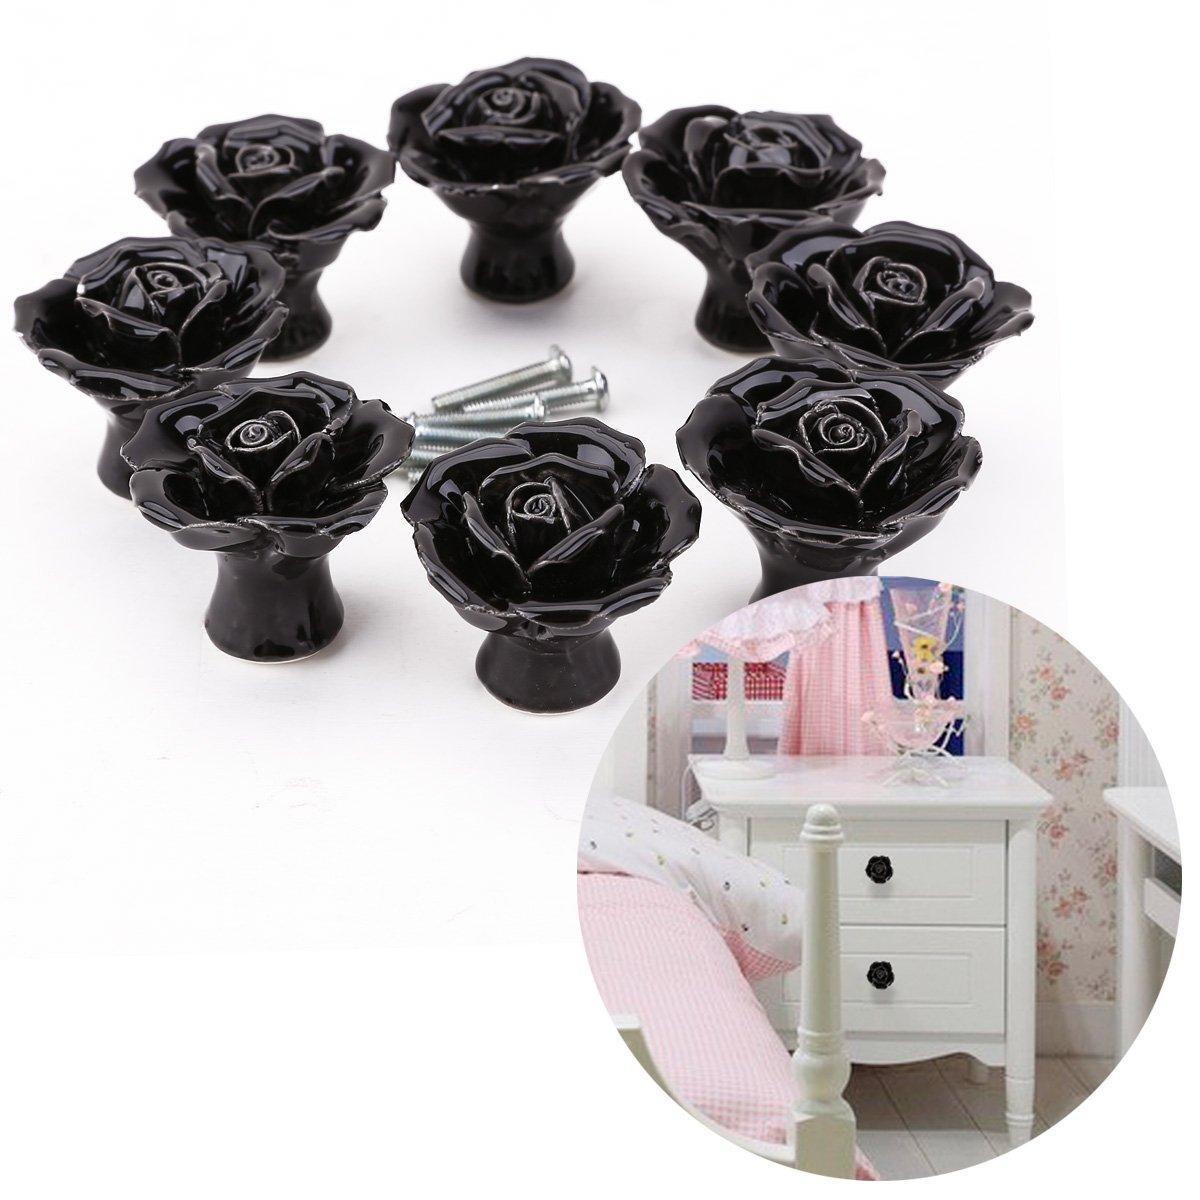 8pcs Pomo de Cerámica para Armario Mueble Tiradores Puertas Cajones Manilla de Diamante 4mm Estilo Rosa Negra Surepromise